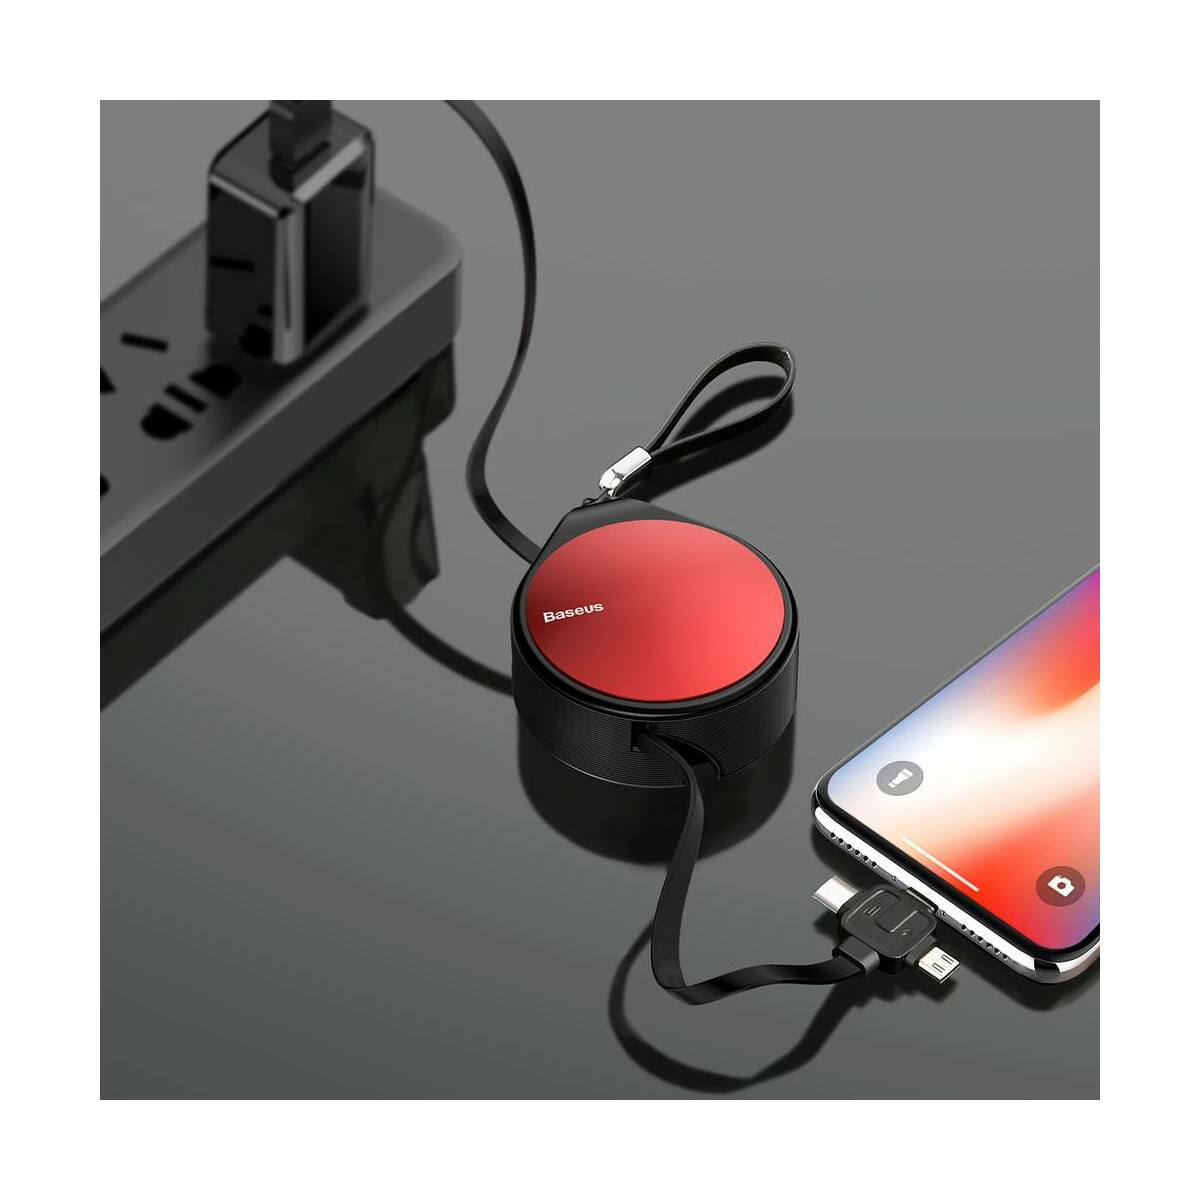 Baseus Univerzális kábel, 3-in-1 (Light-Micro-Type) cseppforma tartóban, kihúzható, 1.5A, 1.5m, piros (CAMLT-EP09)